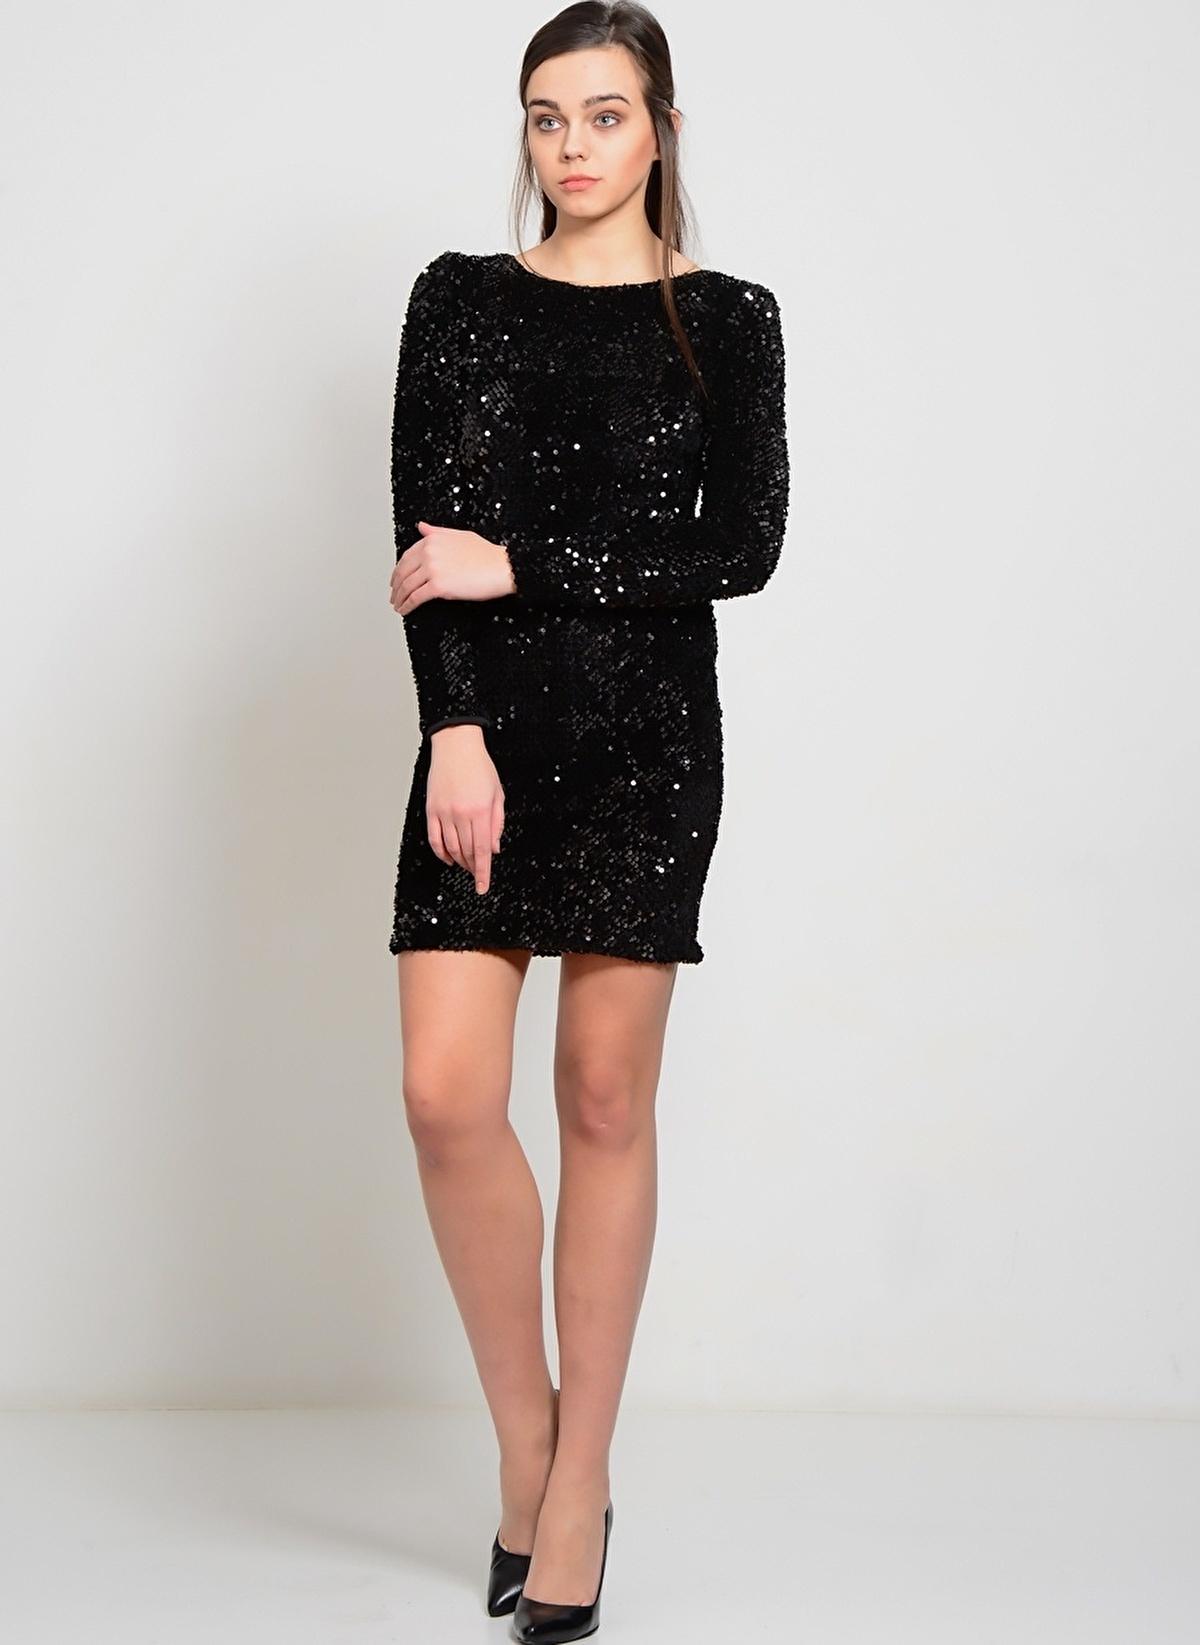 666cee061f2d0 Motel Rocks Kadın Payetli Mini Abiye Elbise Siyah İndirimli Fiyat ...